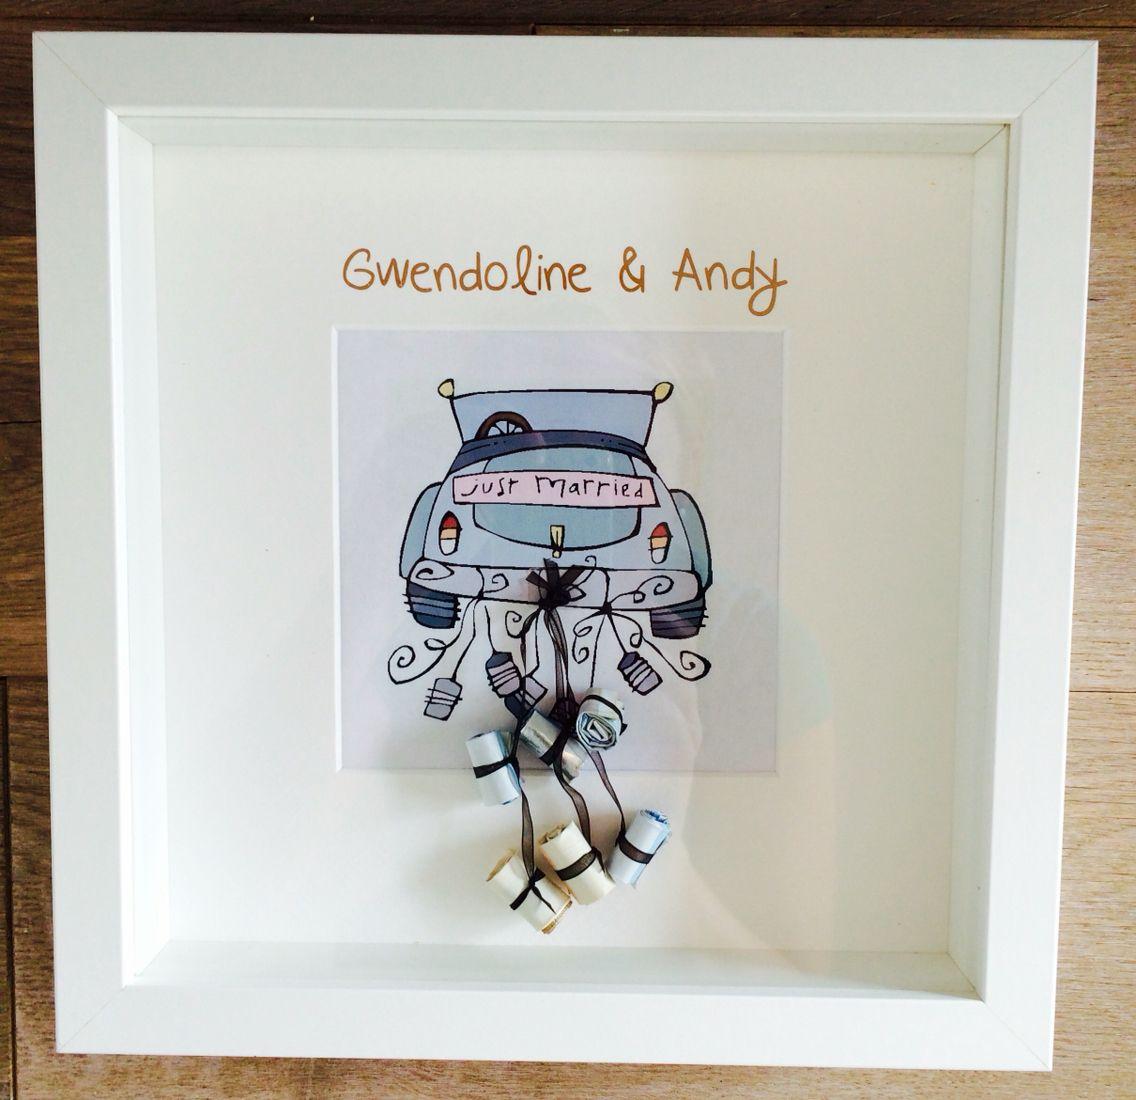 Geldcadeau huwelijk Gwendoline  Andy  creatIVE  Hochzeitsgeschenke ideen Geldgeschenke